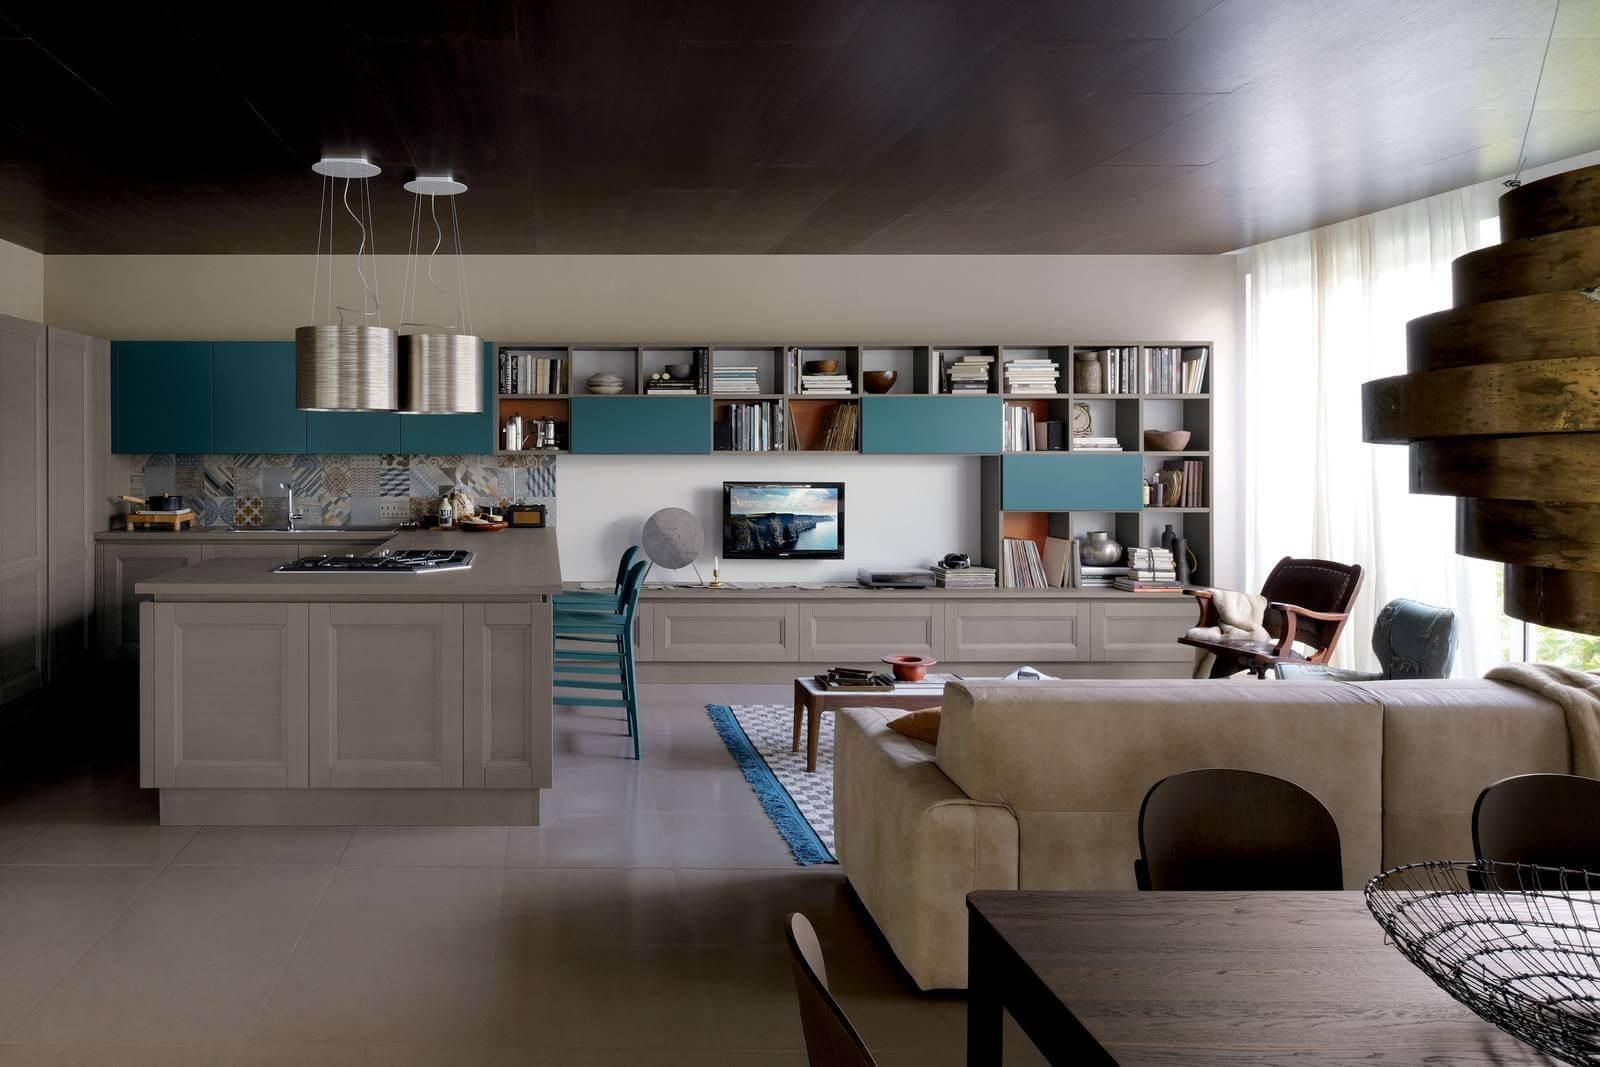 Cucina-soggiorno, come arredare la propria casa con l'open ...